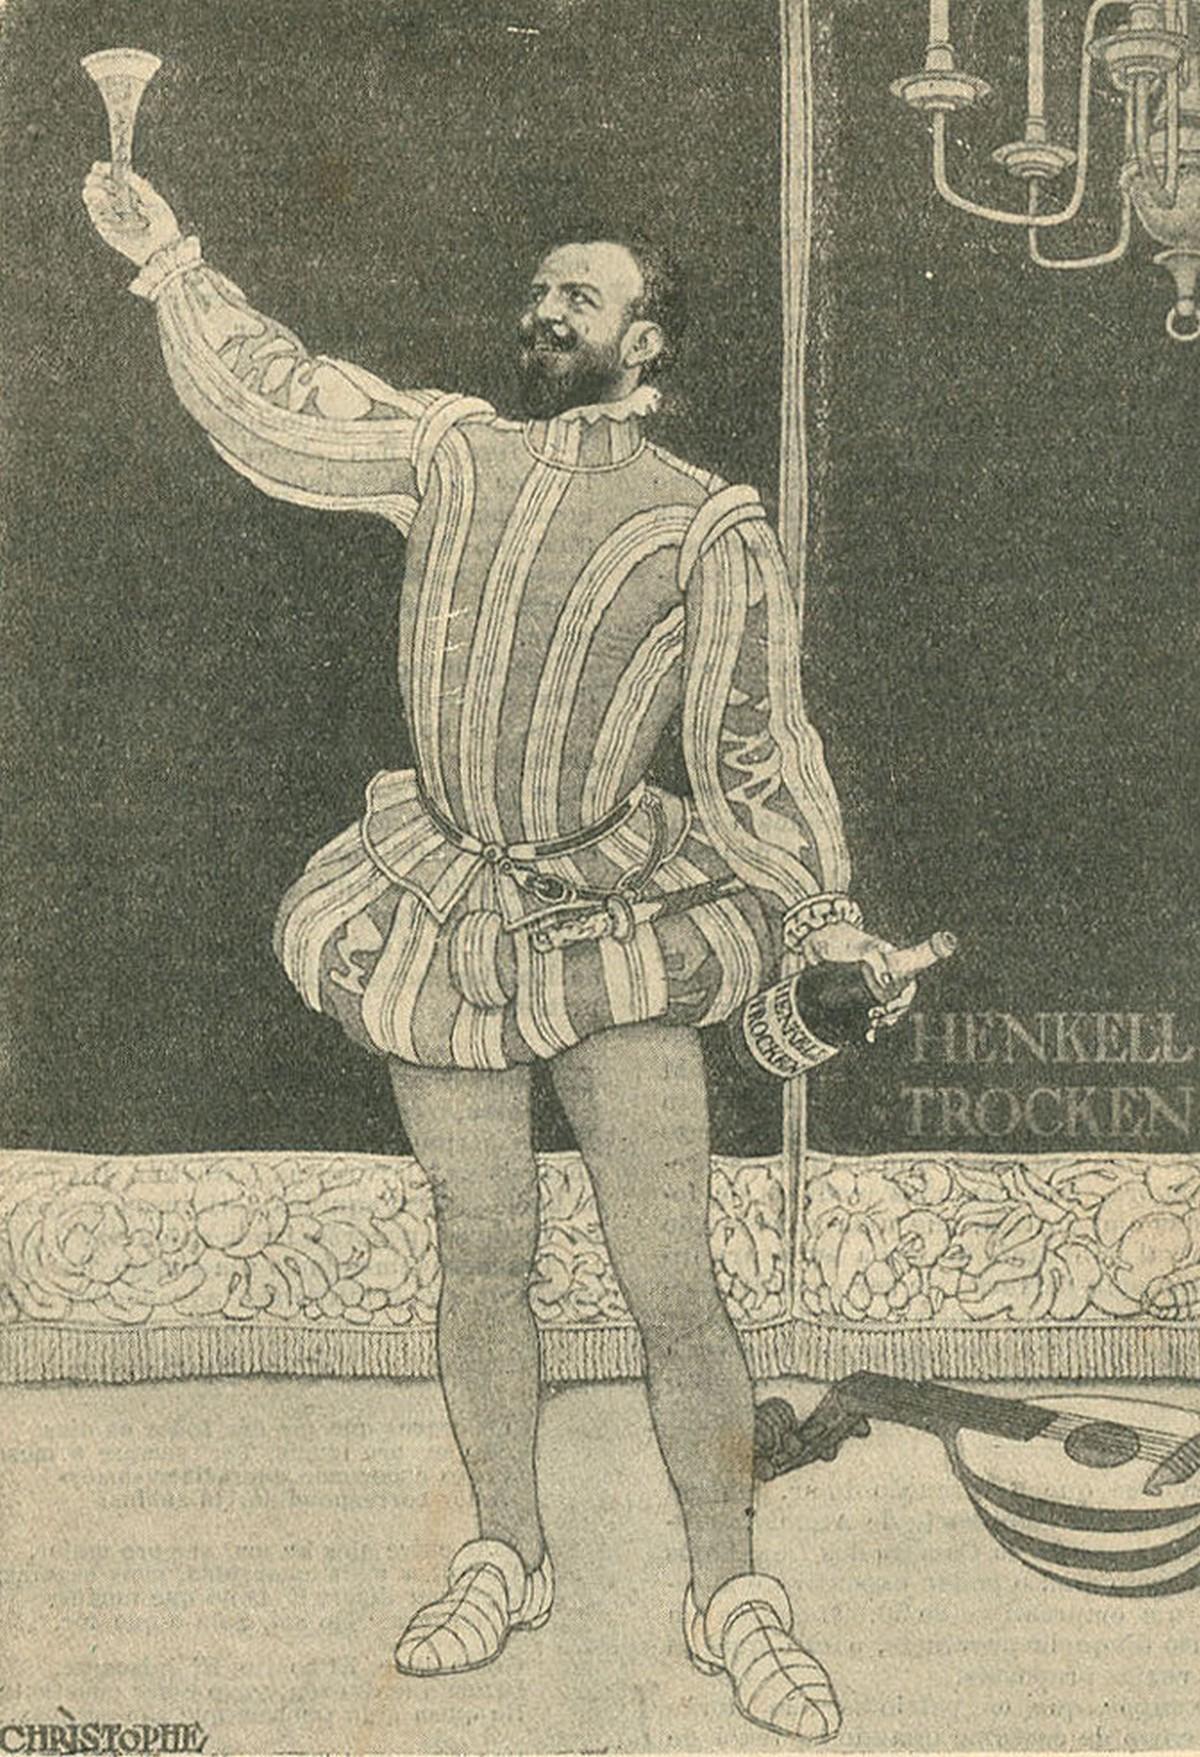 Publicidade alemã à bebida Henkell Trocken, com a imagem do cantor lírico português Francisco de Andrade.